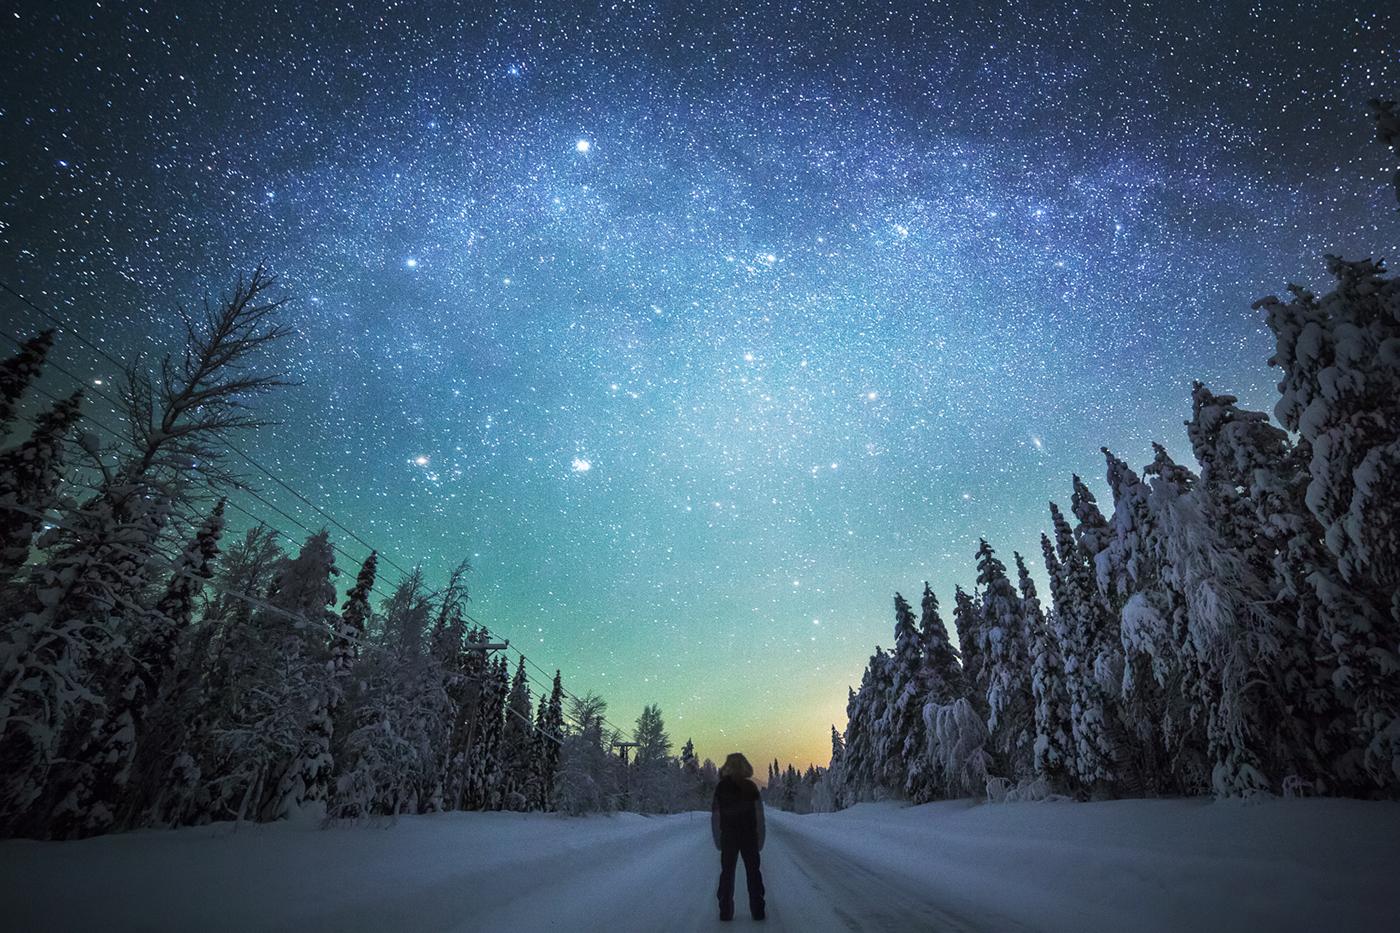 Звездная зимняя ночь картинки